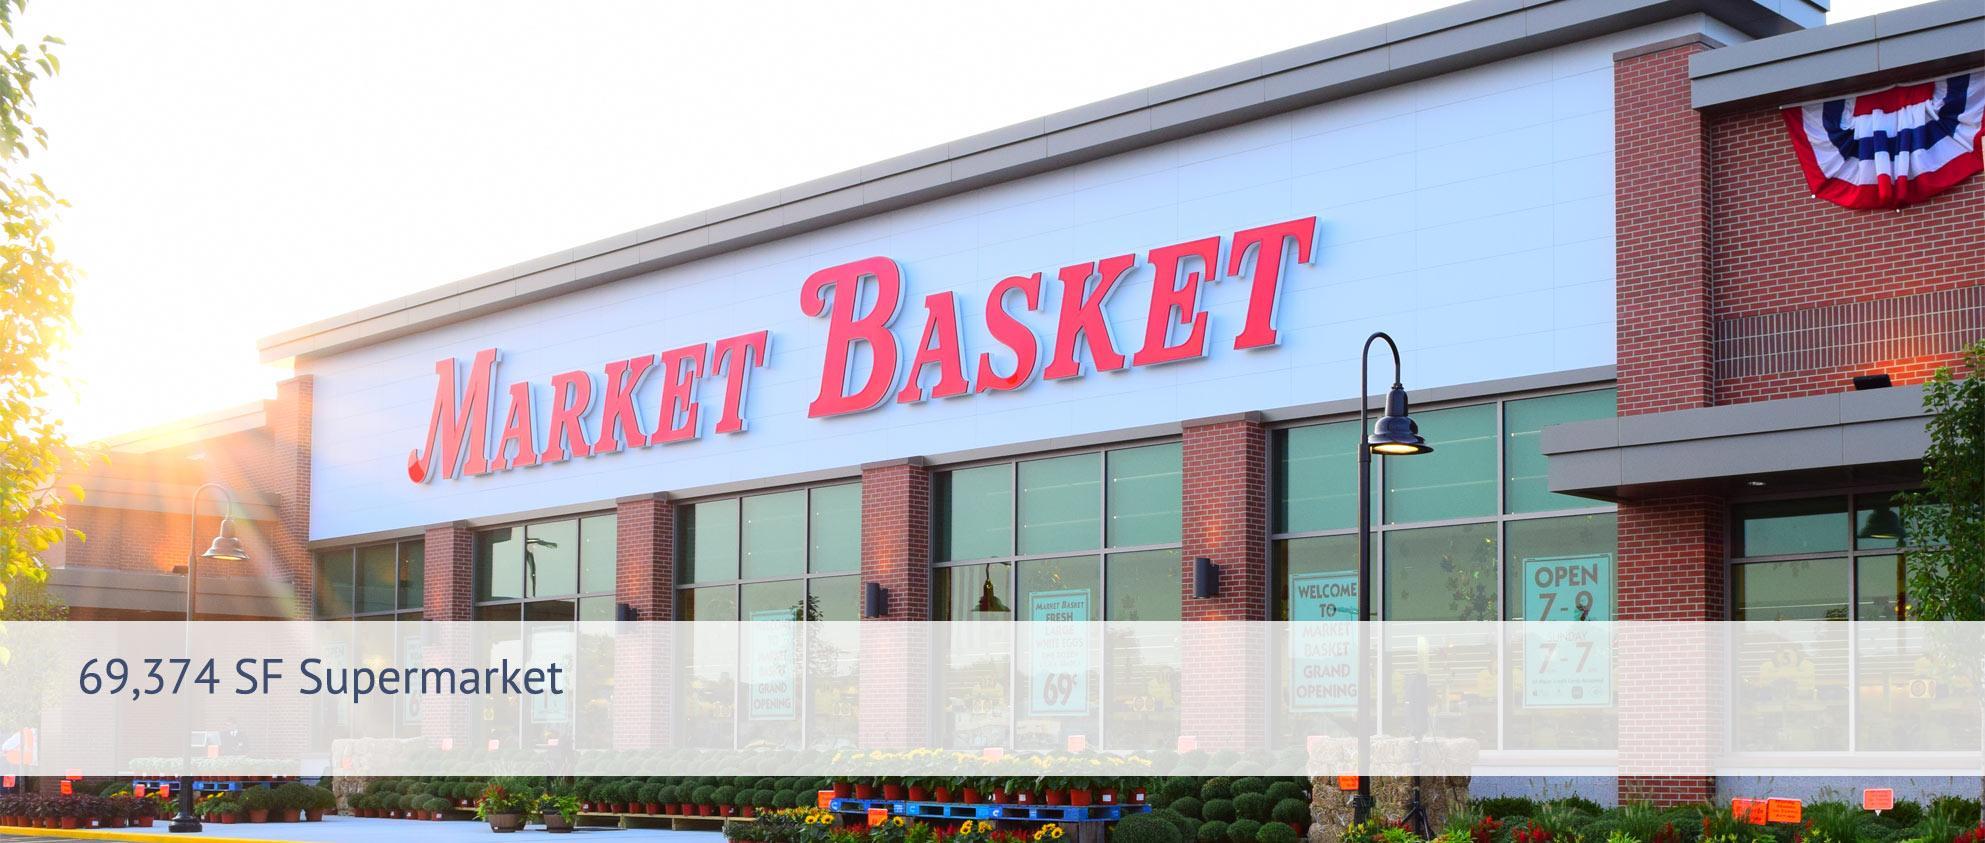 market-basket-inset